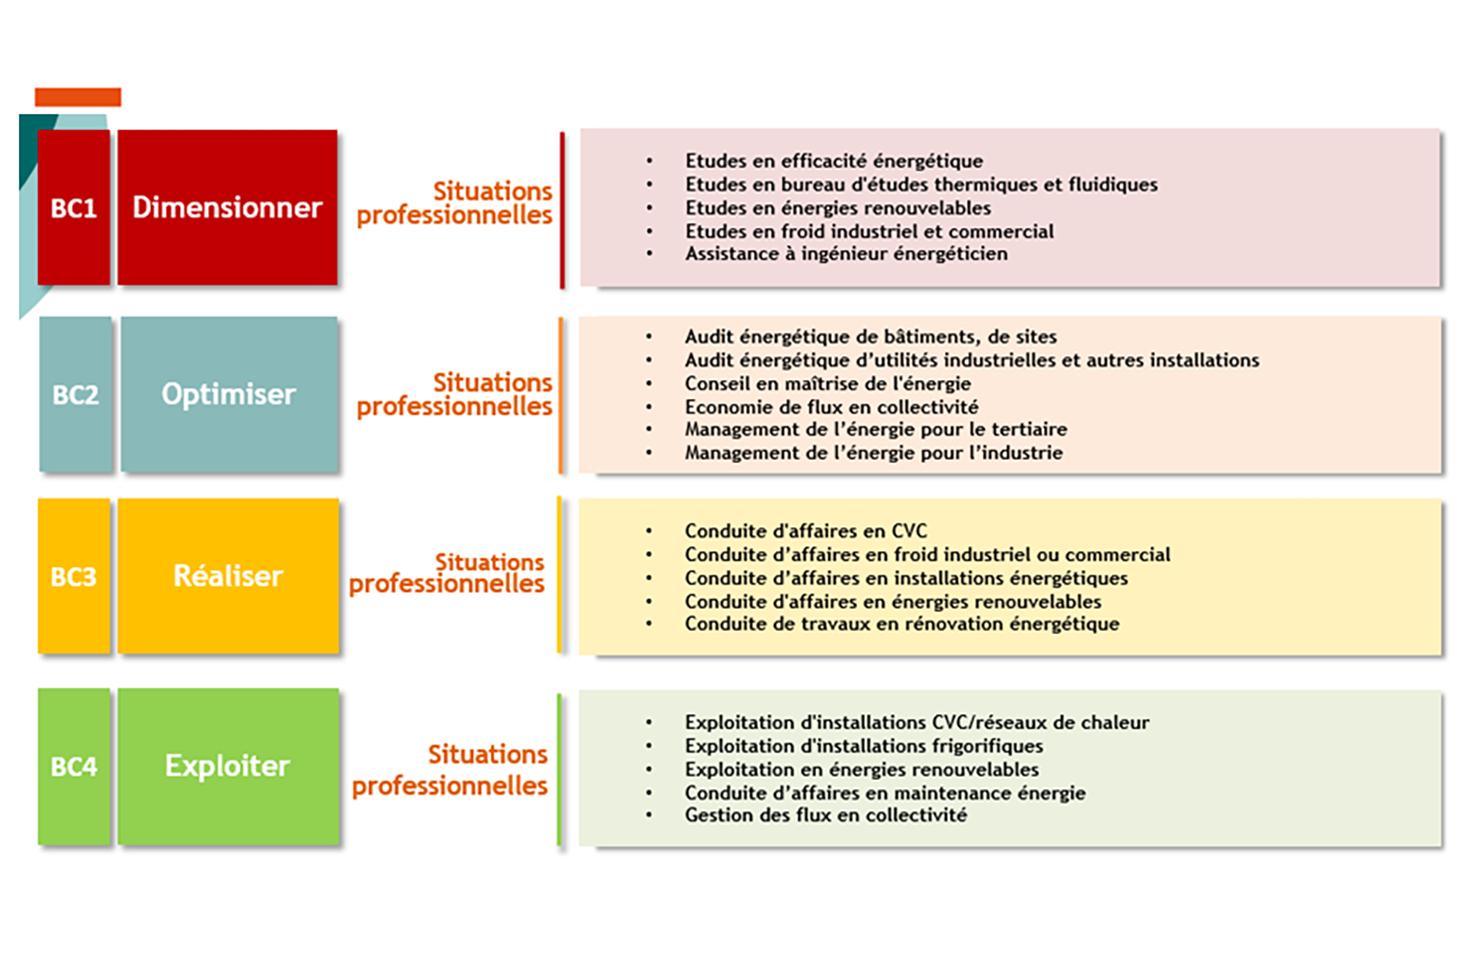 Les blocs de compétences et leurs situations pro correspondantes